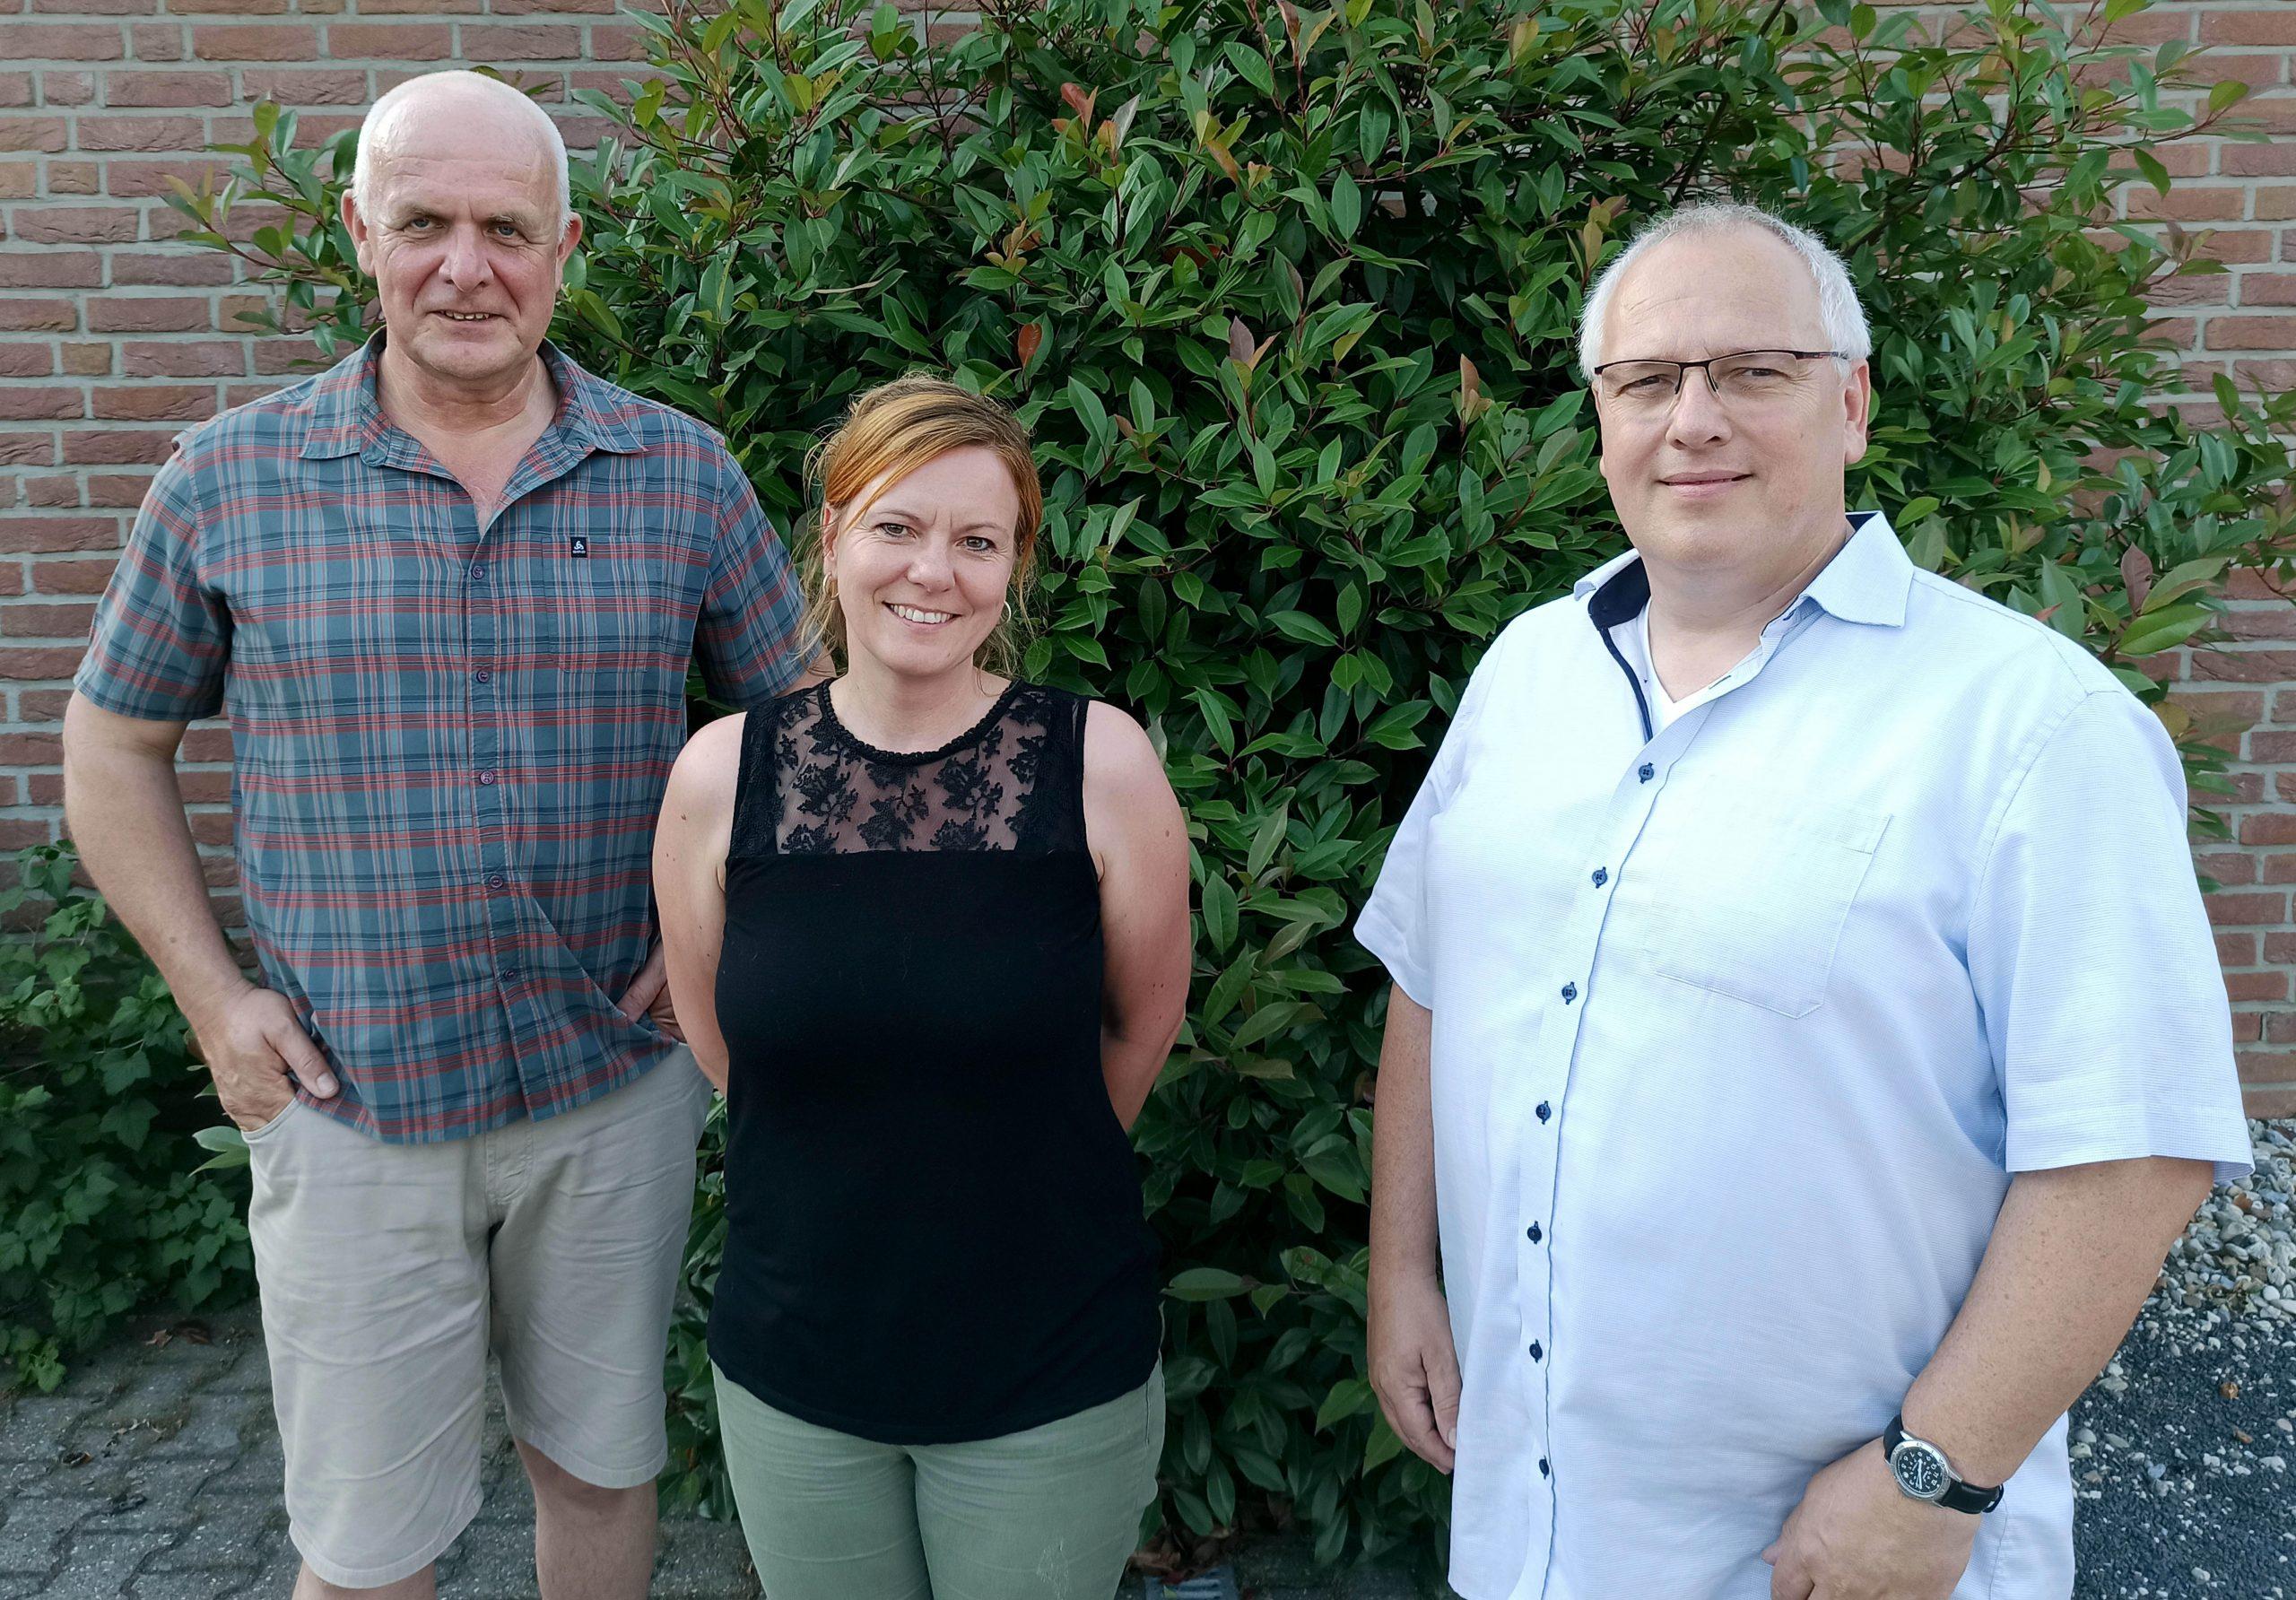 Grüner Ortsverband mit neuem Vorstand